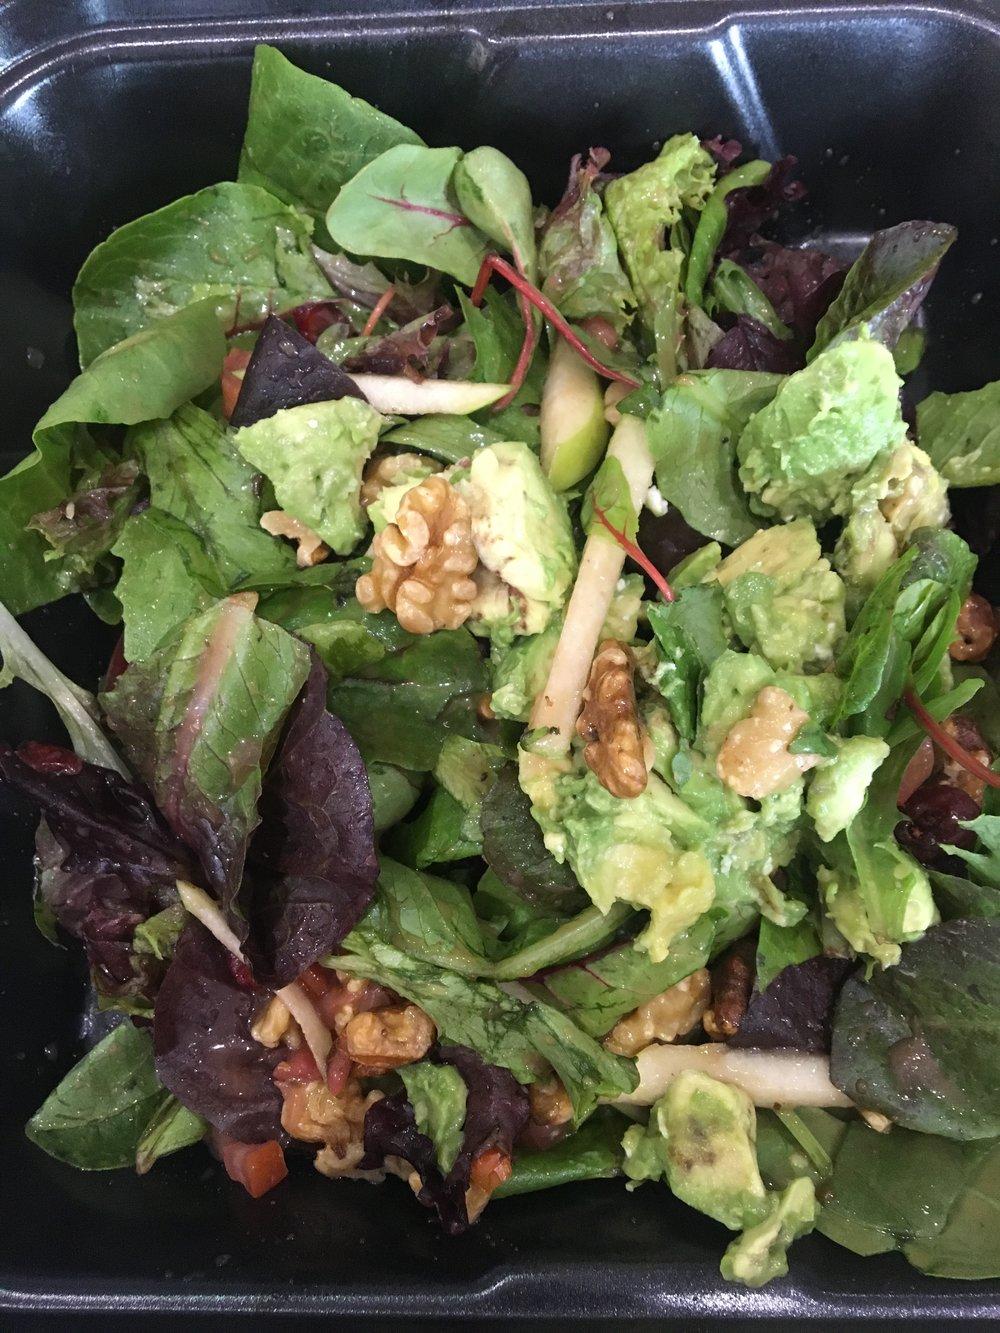 Boston Salad - no bacon, add avocado